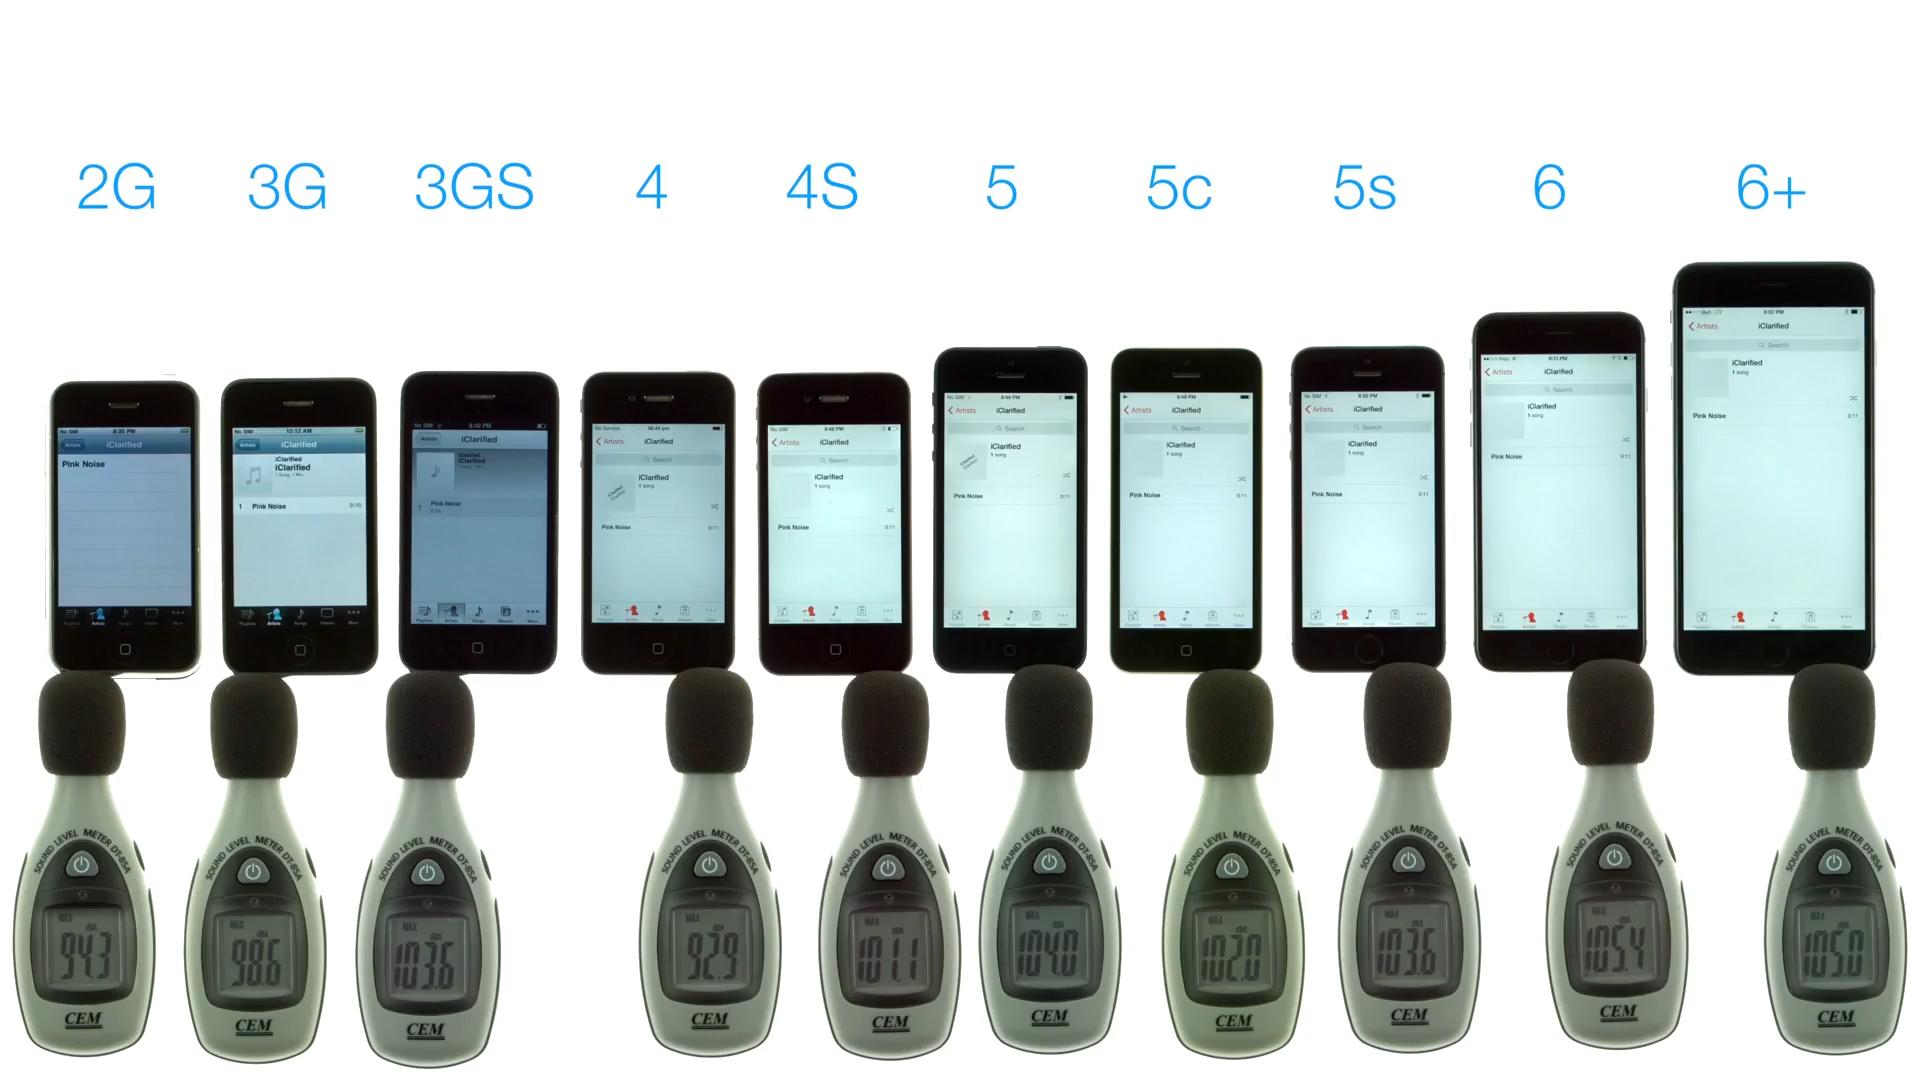 ทดสอบประสิทธิภาพลำโพง iPhone รุ่นไหนจะดังที่สุดมาดูกัน